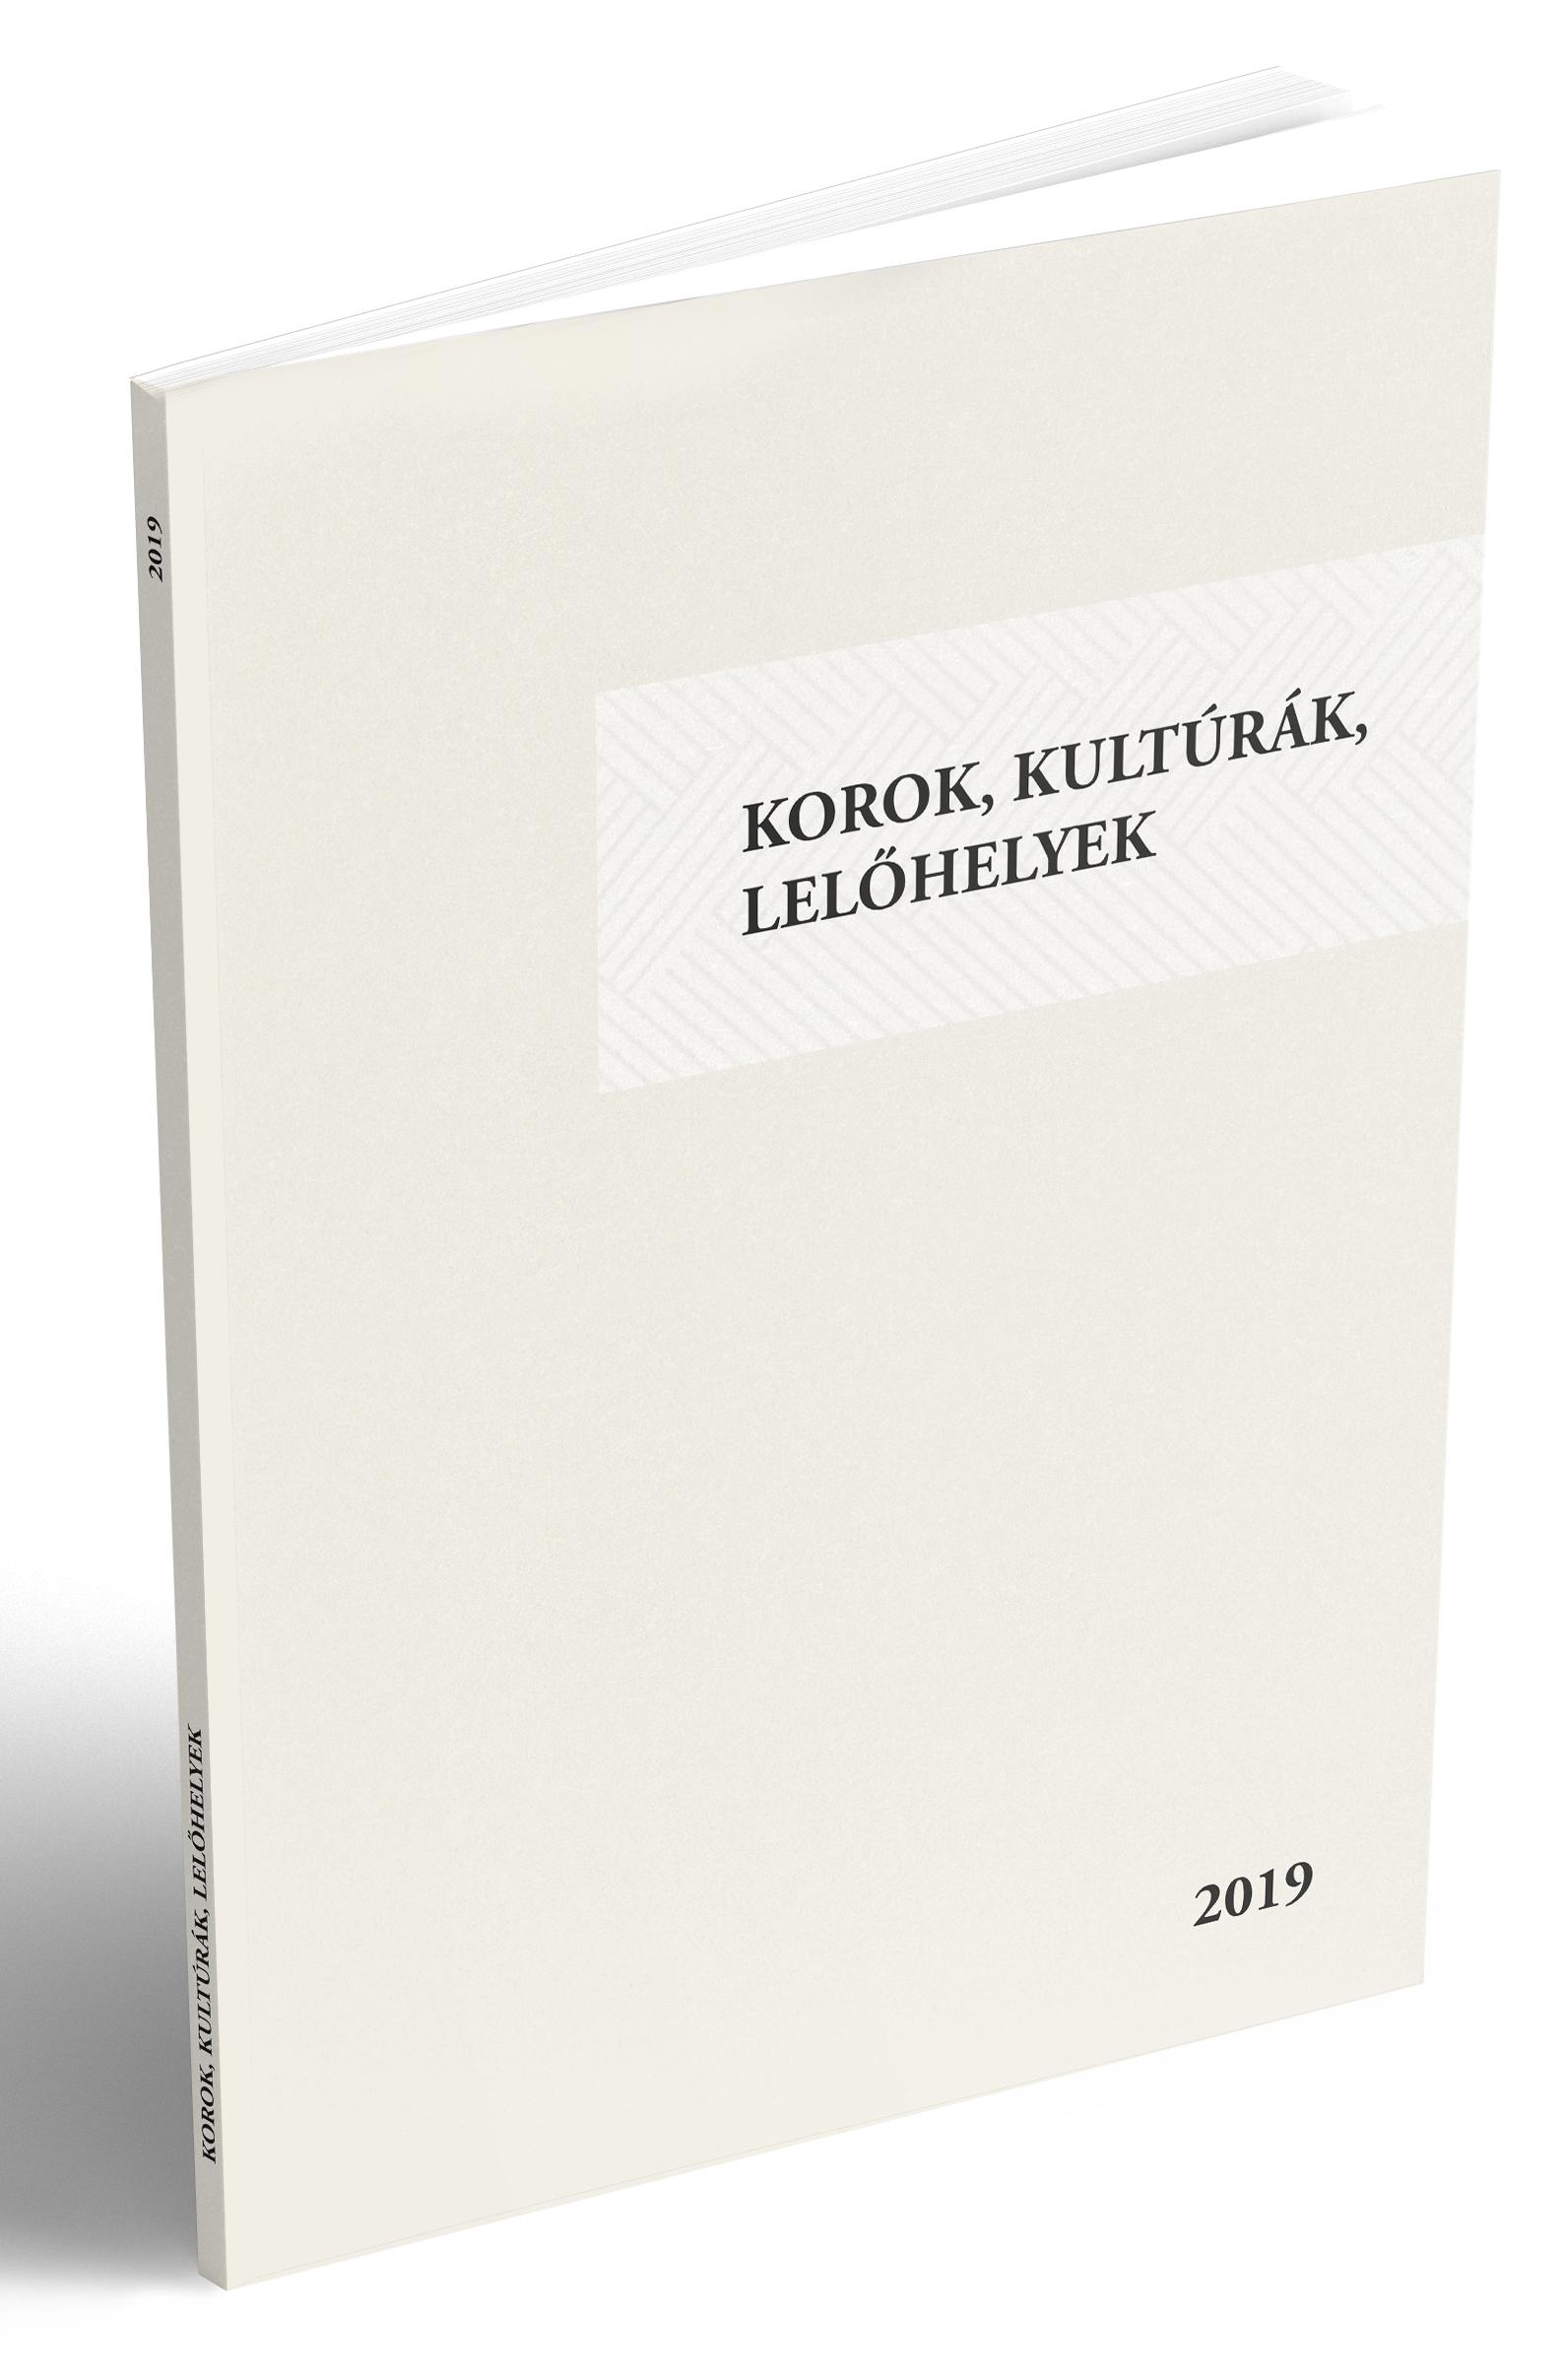 Korok, kultúrák, lelőhelyek - 2019